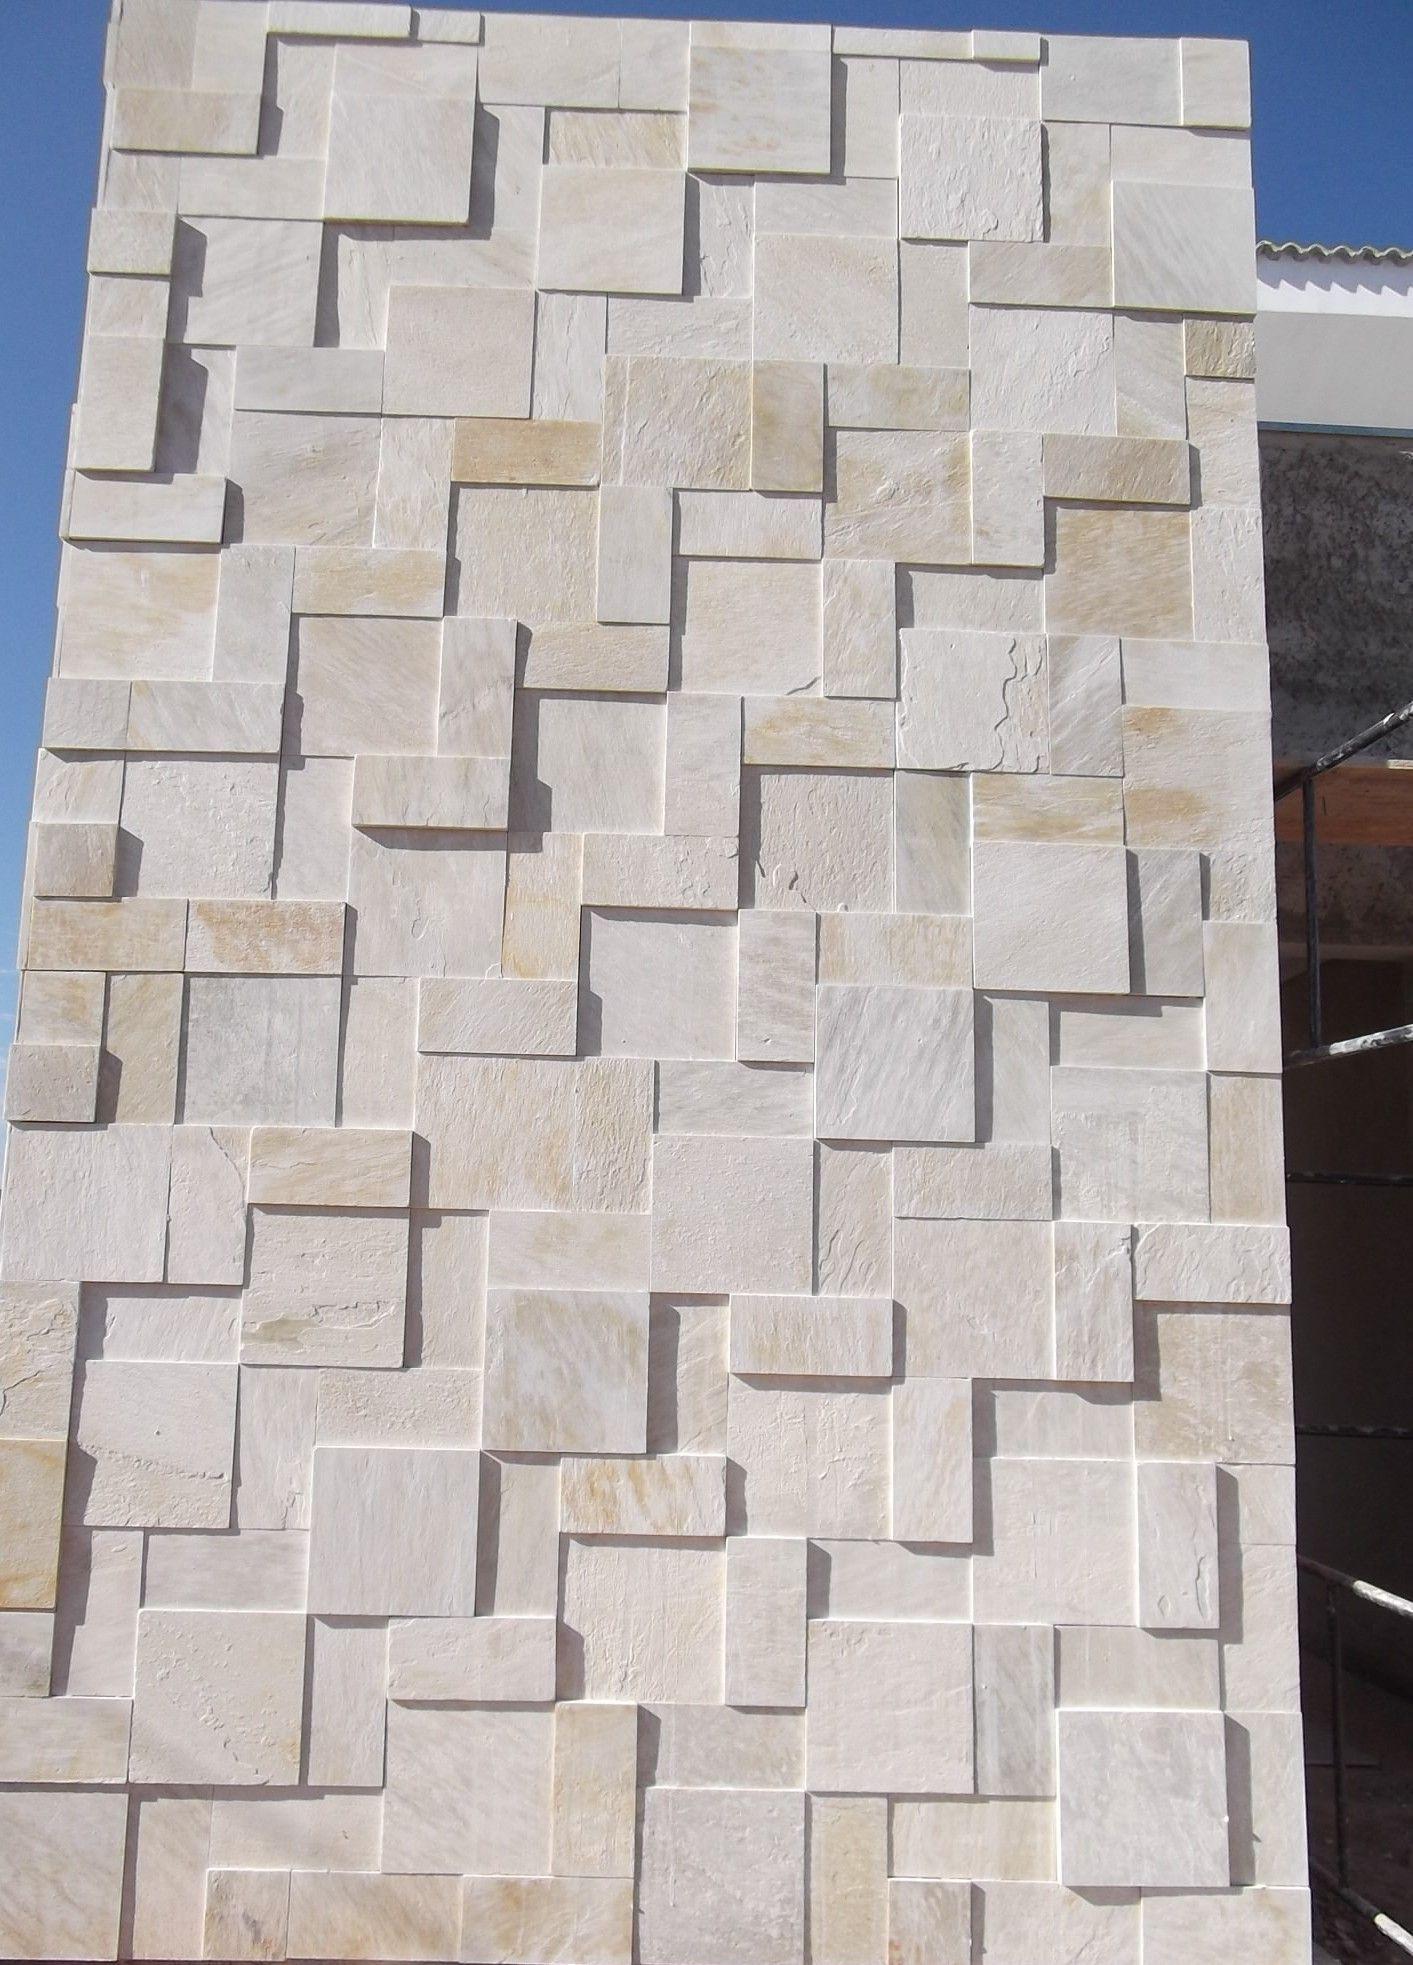 Diversas Fotos De Muros E Fachadas Com Revestimentos Pedras Decorativas Em Diversos Modelos Tamanhos